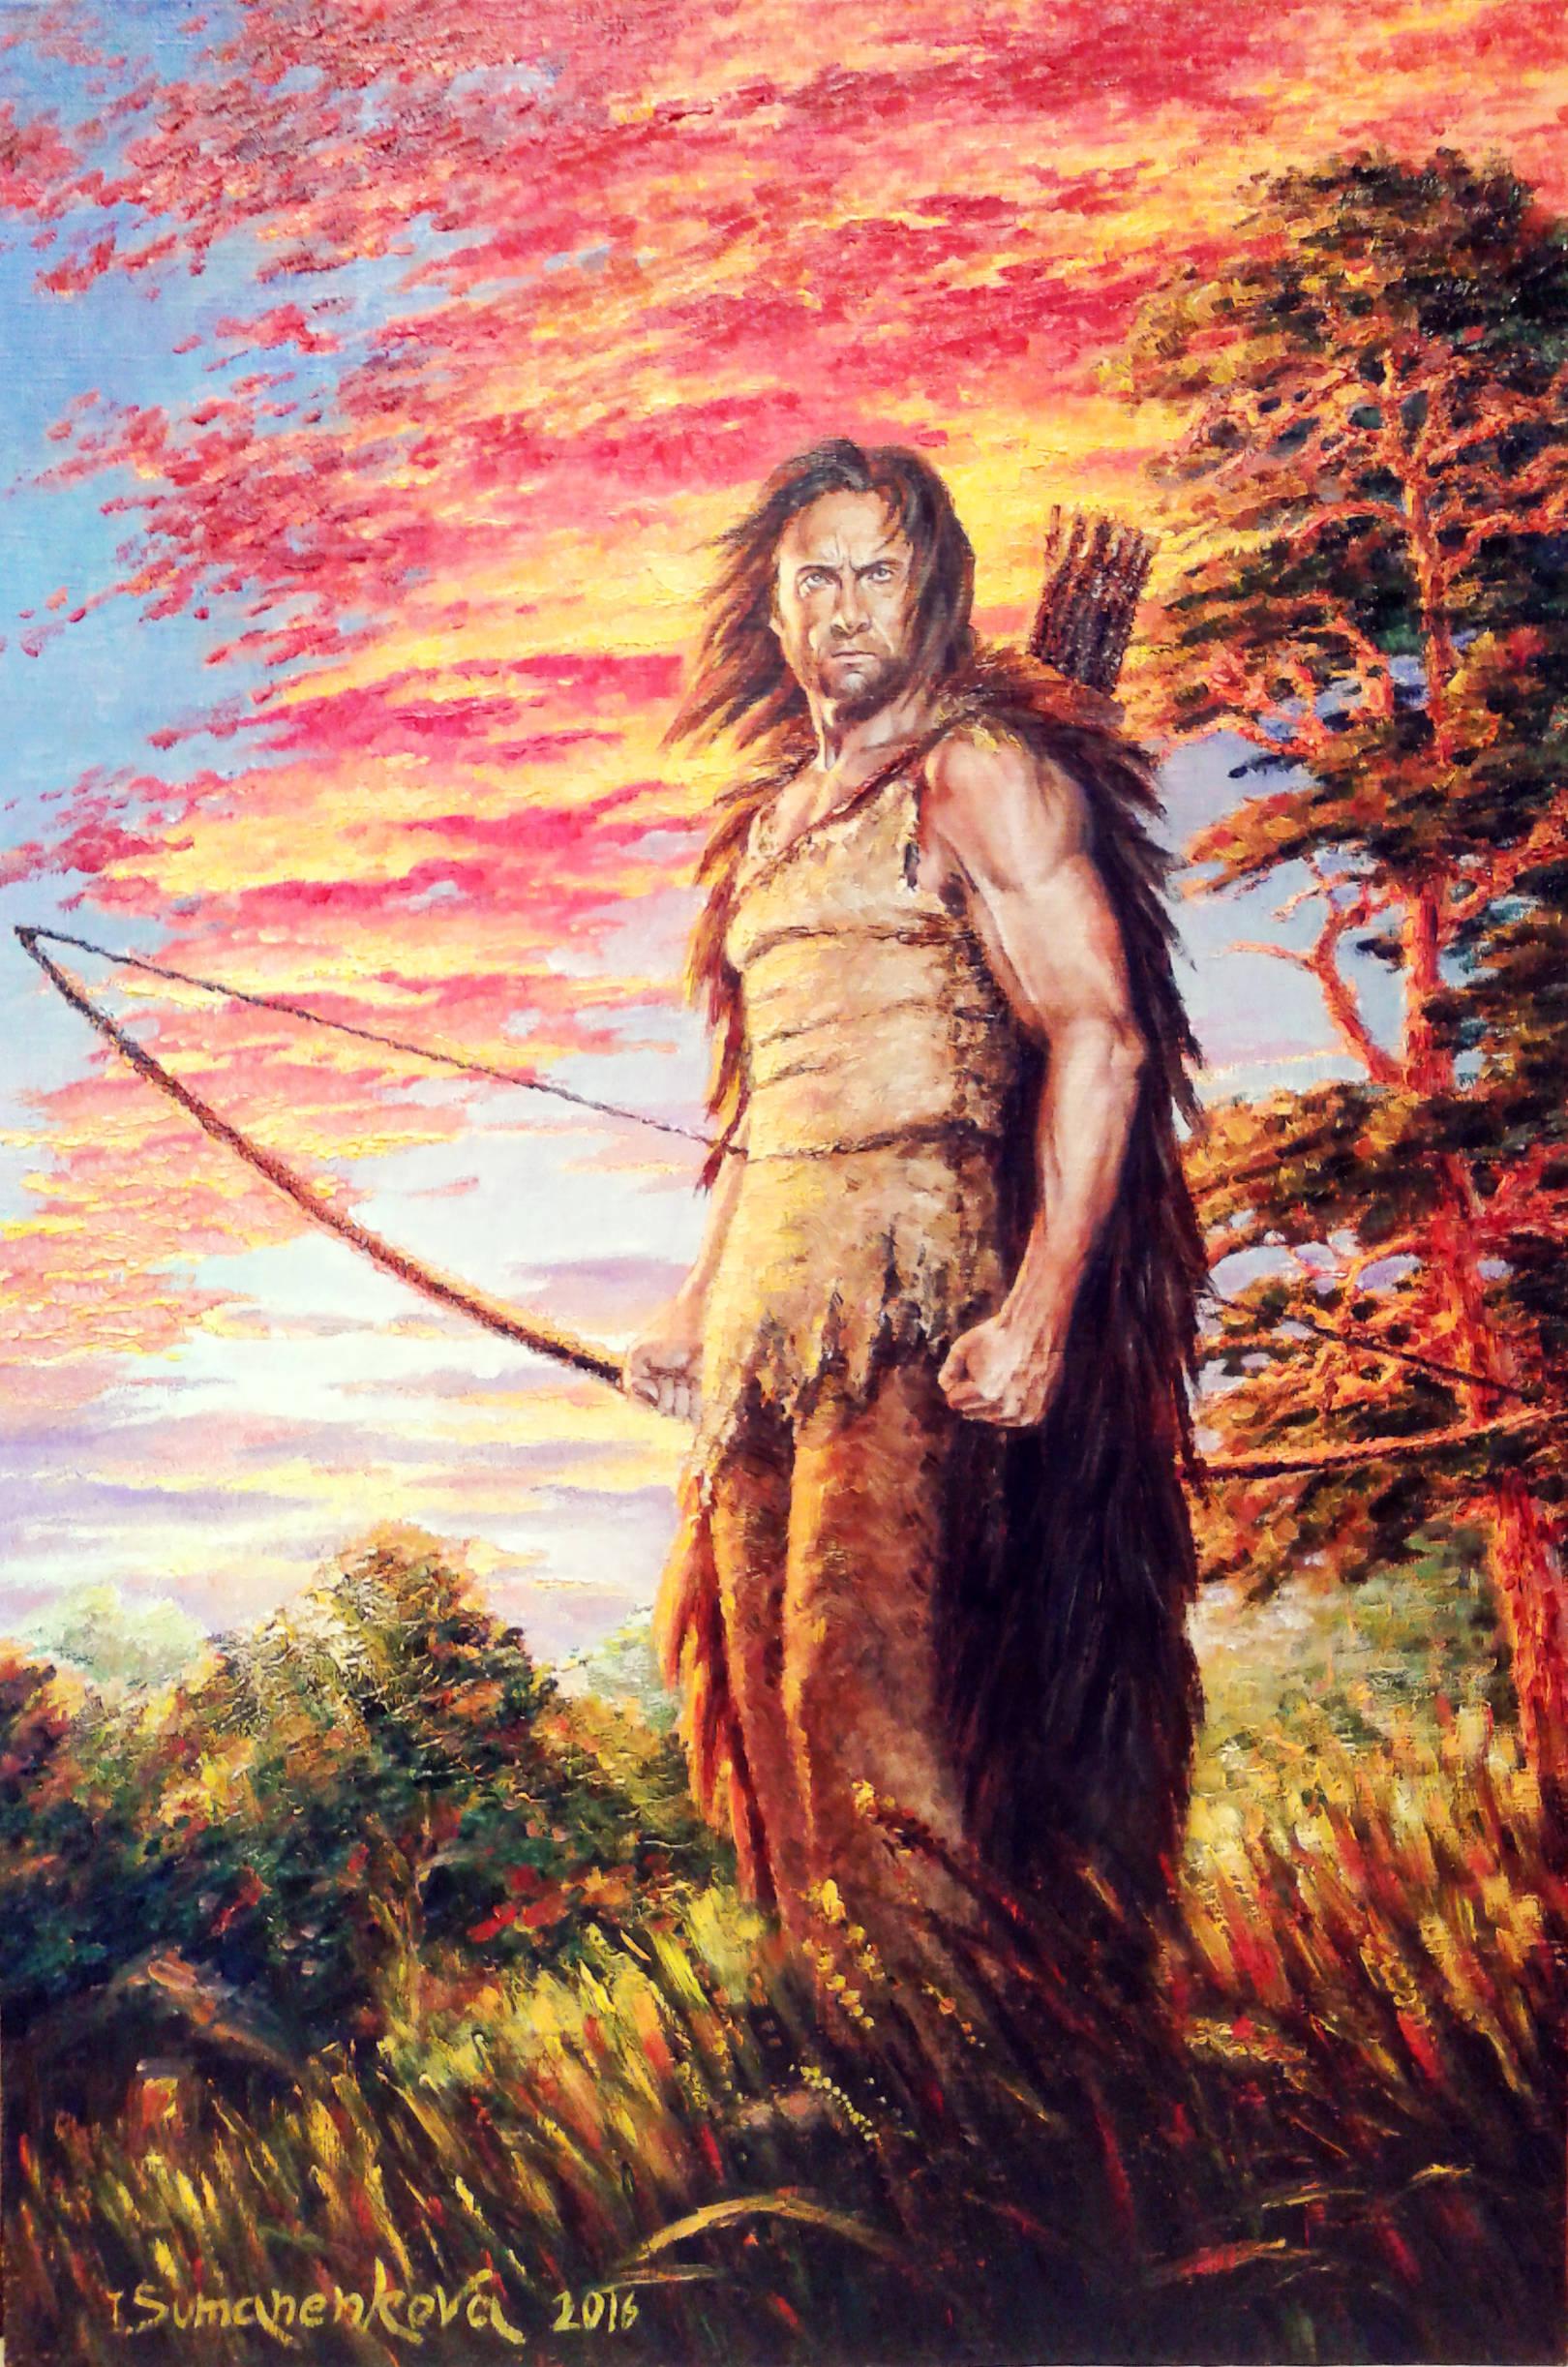 Кормилец. Охотник. Воин / A breadwinner. A hunter. A warrior 60 х 40 см, холст, масло, 2016 г